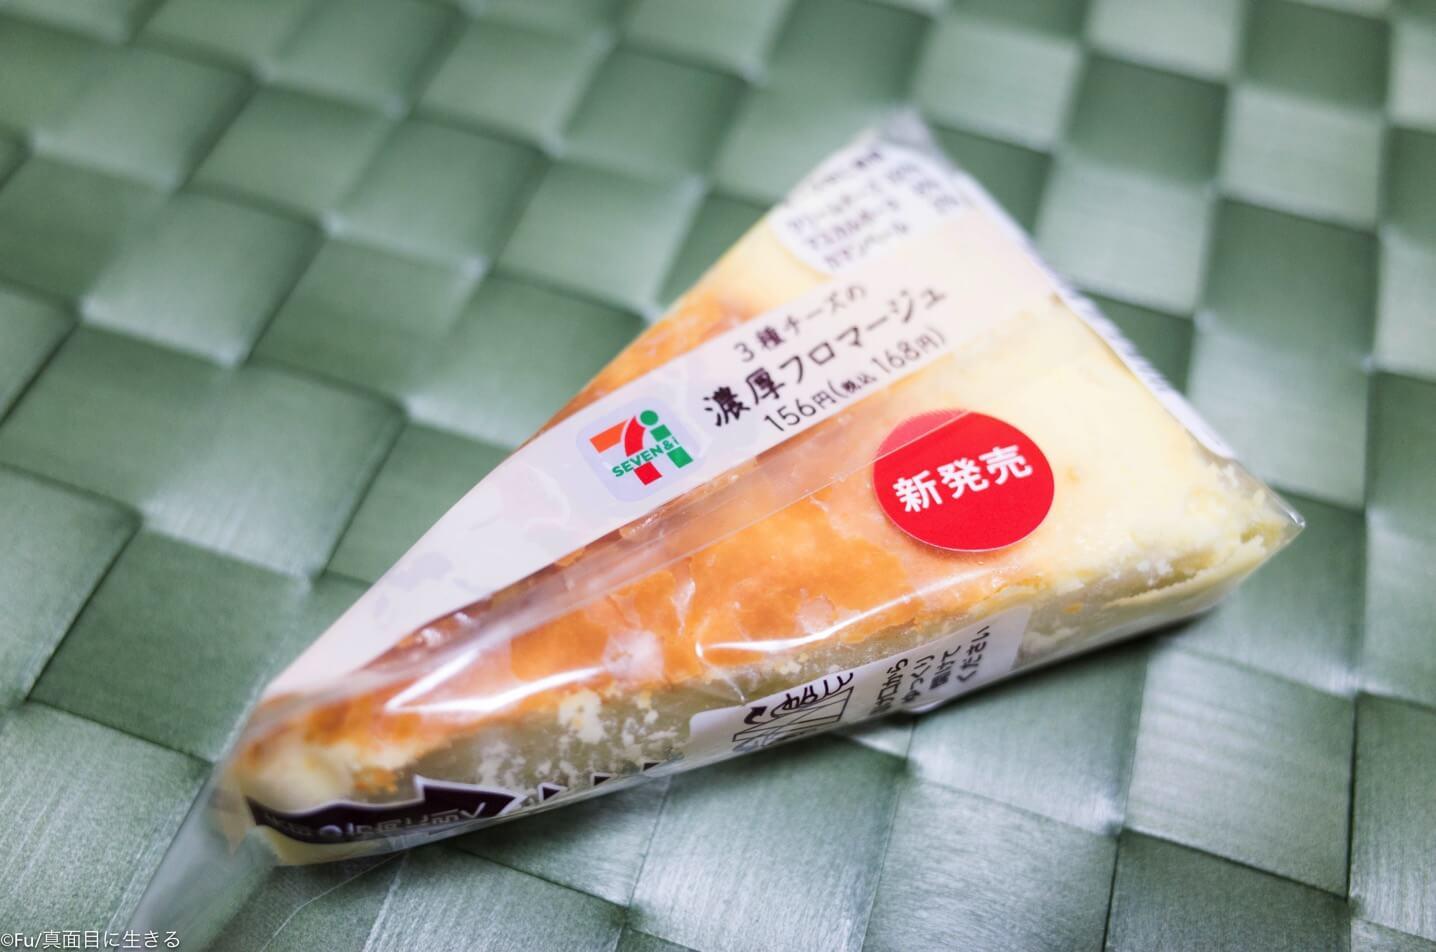 セブンイレブン3種チーズの濃厚フロマージュ